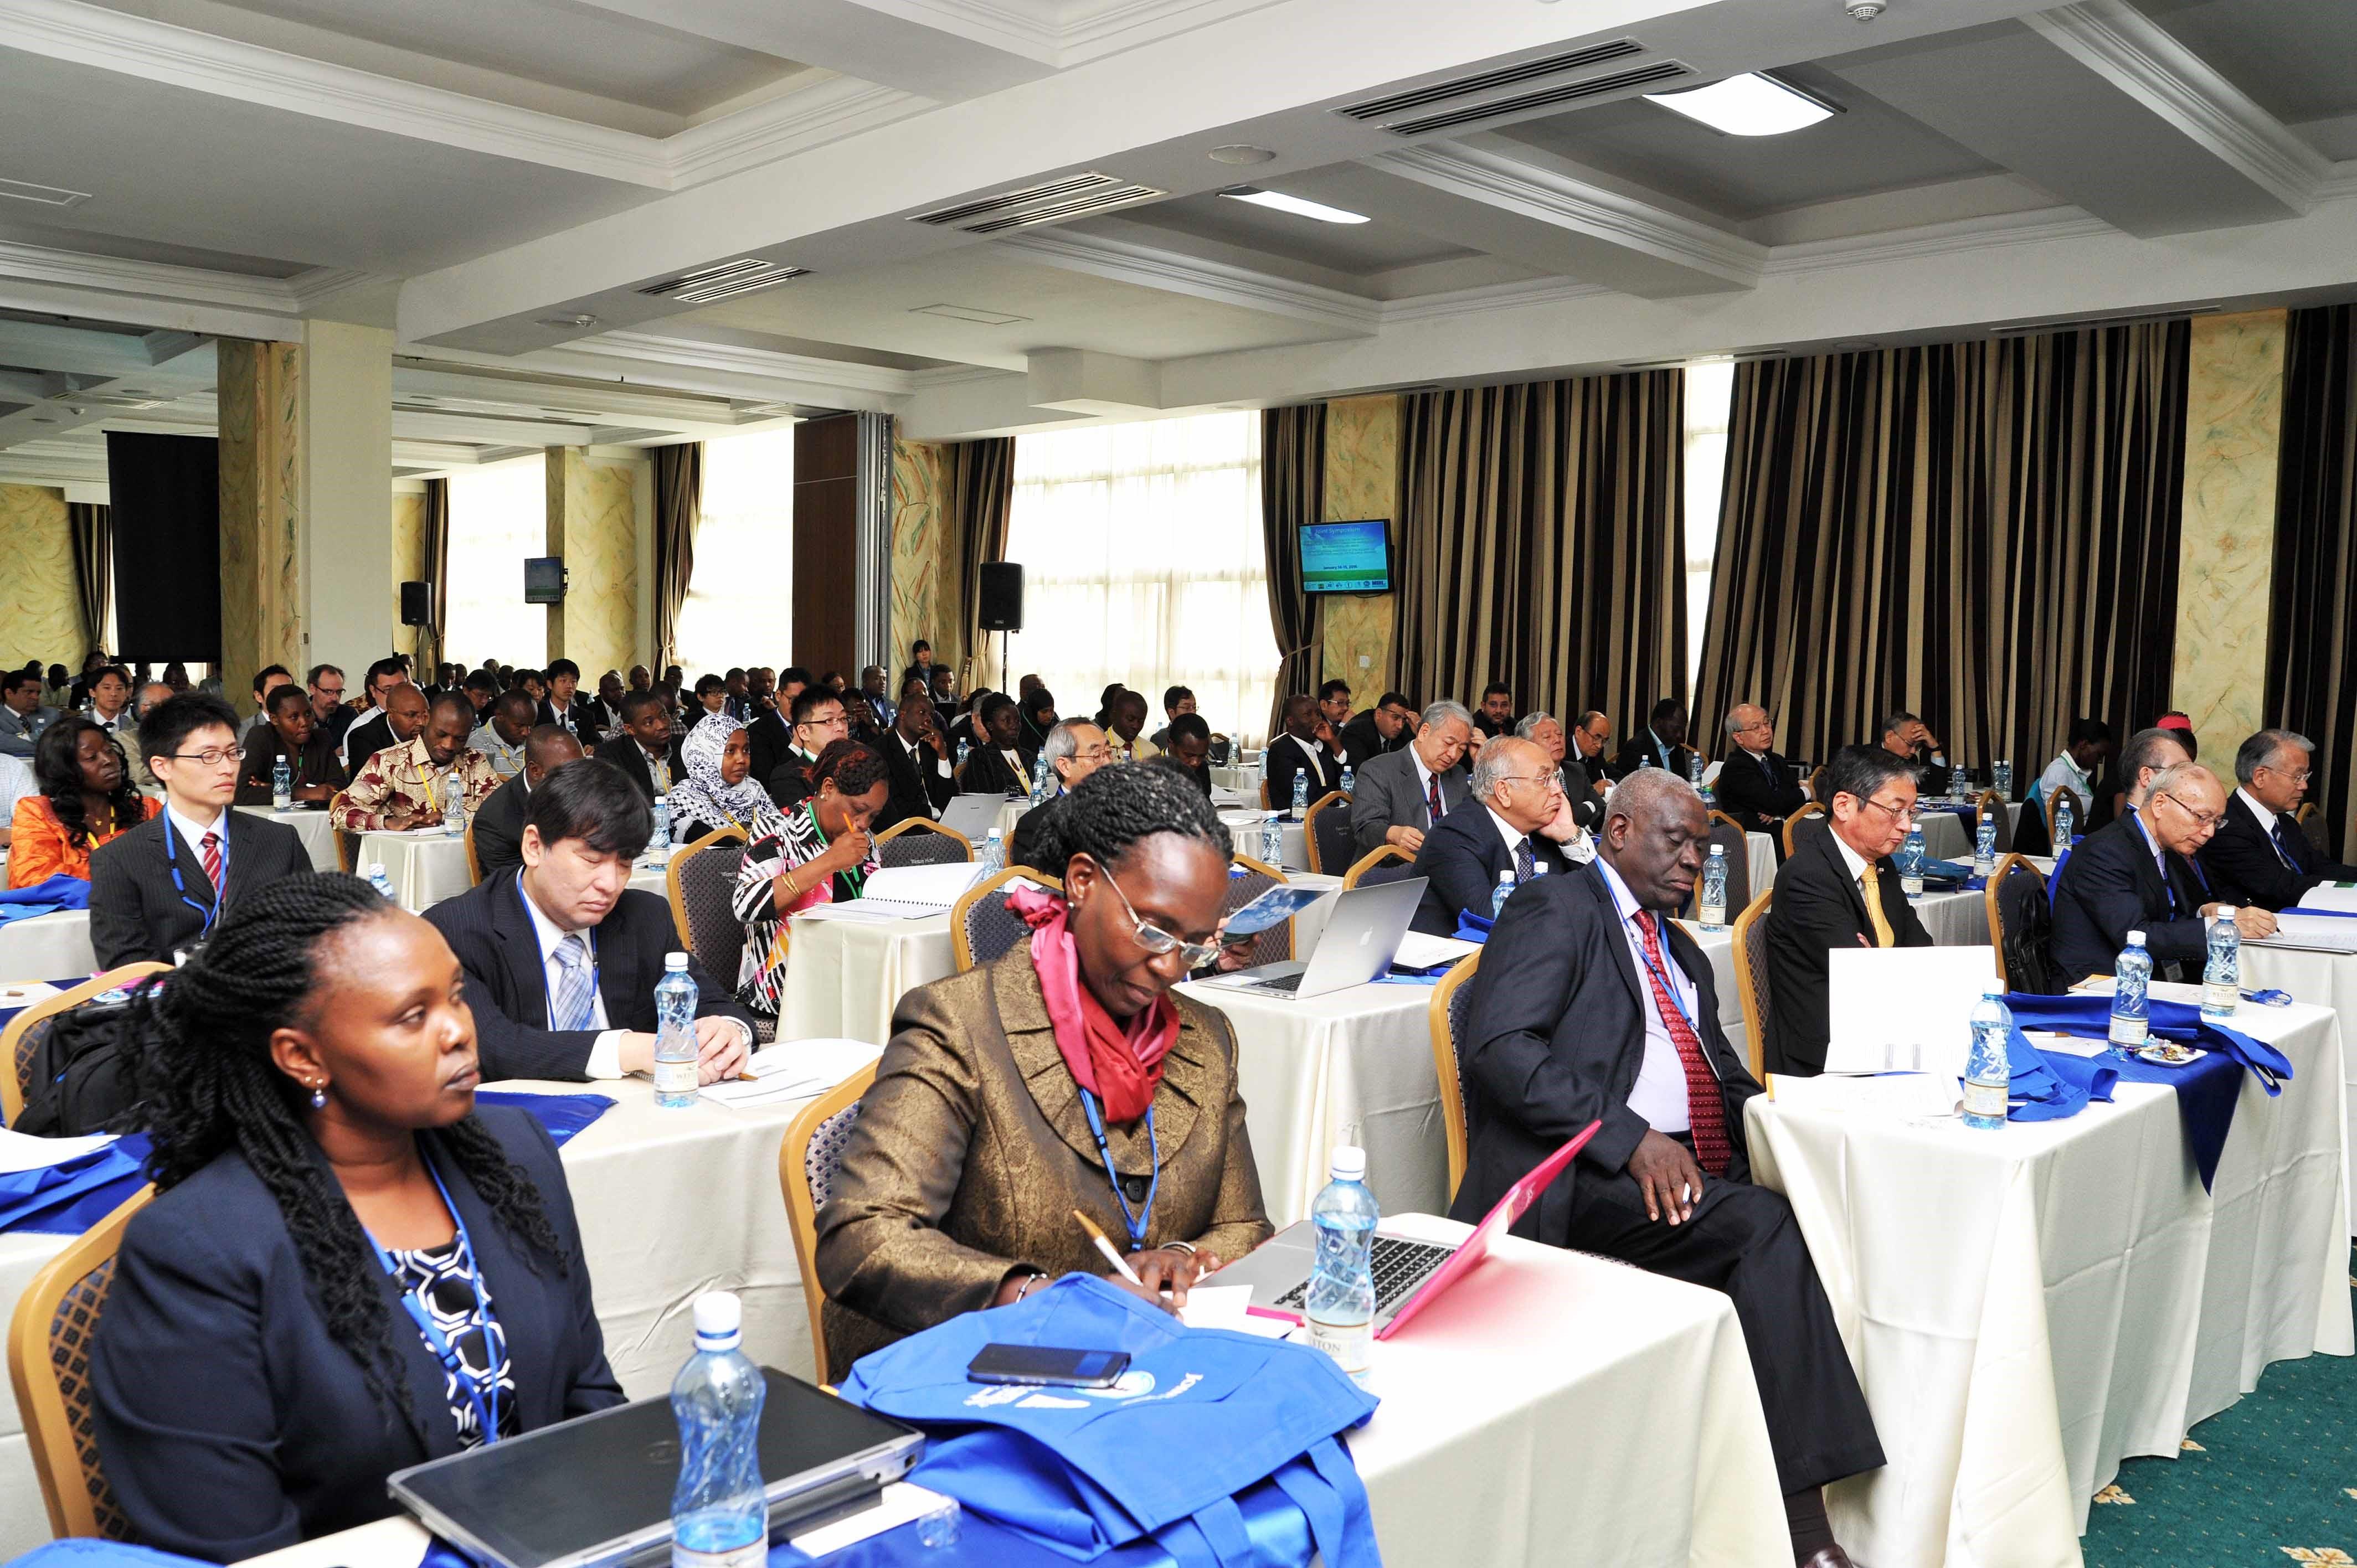 長崎大学とケニア中央医学研究所(KEMRI)が1月14日、15日にケニアのナイロビで開催したシンポジウム。大阪大学と東北大学、国立研究開発法人日本医療研究開発機構(AMED) が共催、文部科学省と国立研究開発科学技術振興機構(JST)が後援した